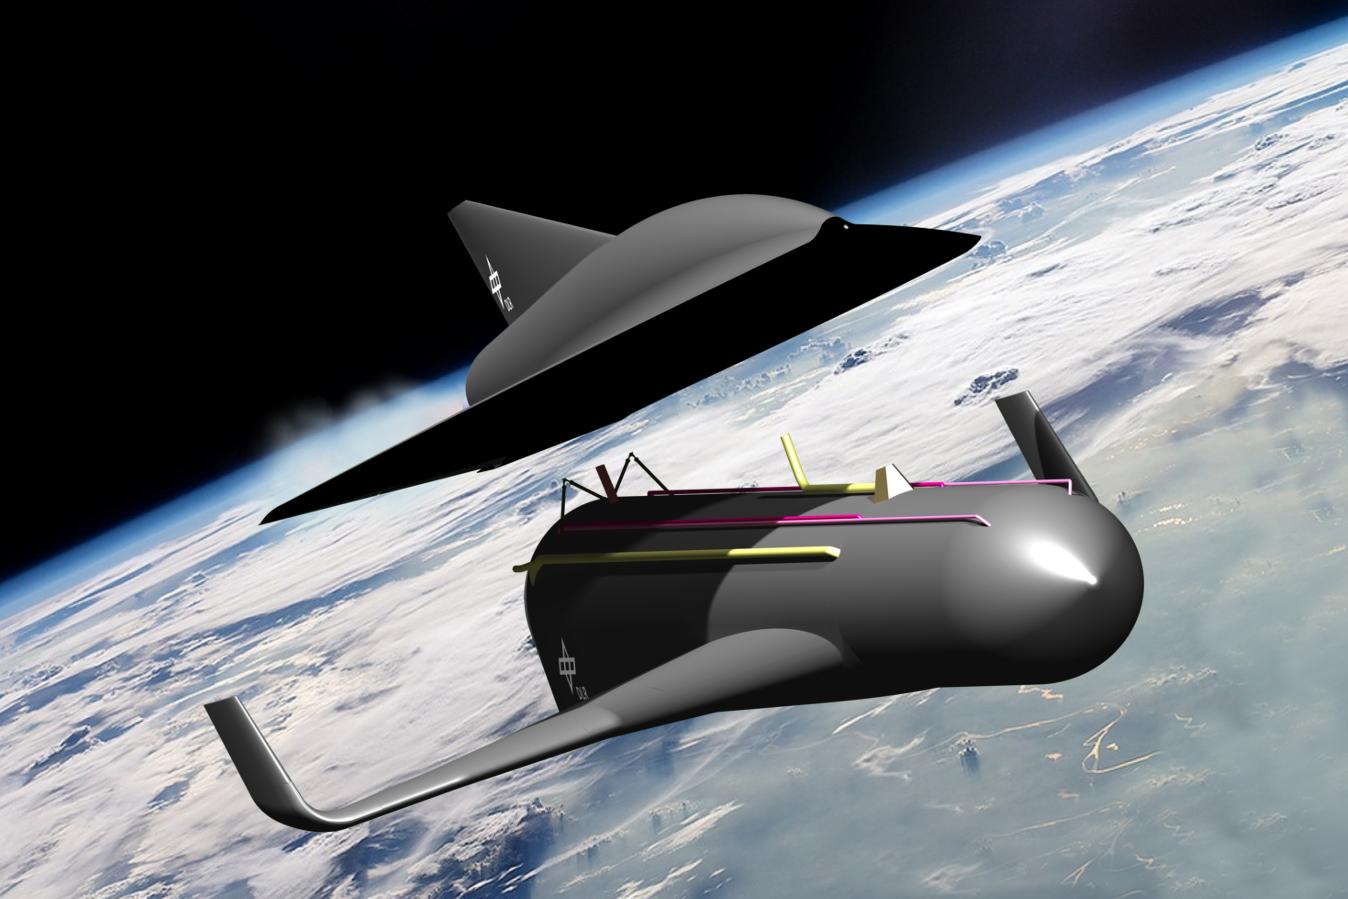 Многоразовый беспилотный разгонный модуль выведет гиперзвуковой самолёт наорбиту ивернётся кместу старта. Ускоритель полной массой 1460 тонн, оснащённый 9реактивными двигателями, сможет доставить 380-тонный самолёт навысоту до 75км, разогнав его до3,7км/с. Затем пассажирский модуль ускоряется самостоятельно при помощи своих двух двигателей, достигая скорости 7км/с ивысоты 80км.